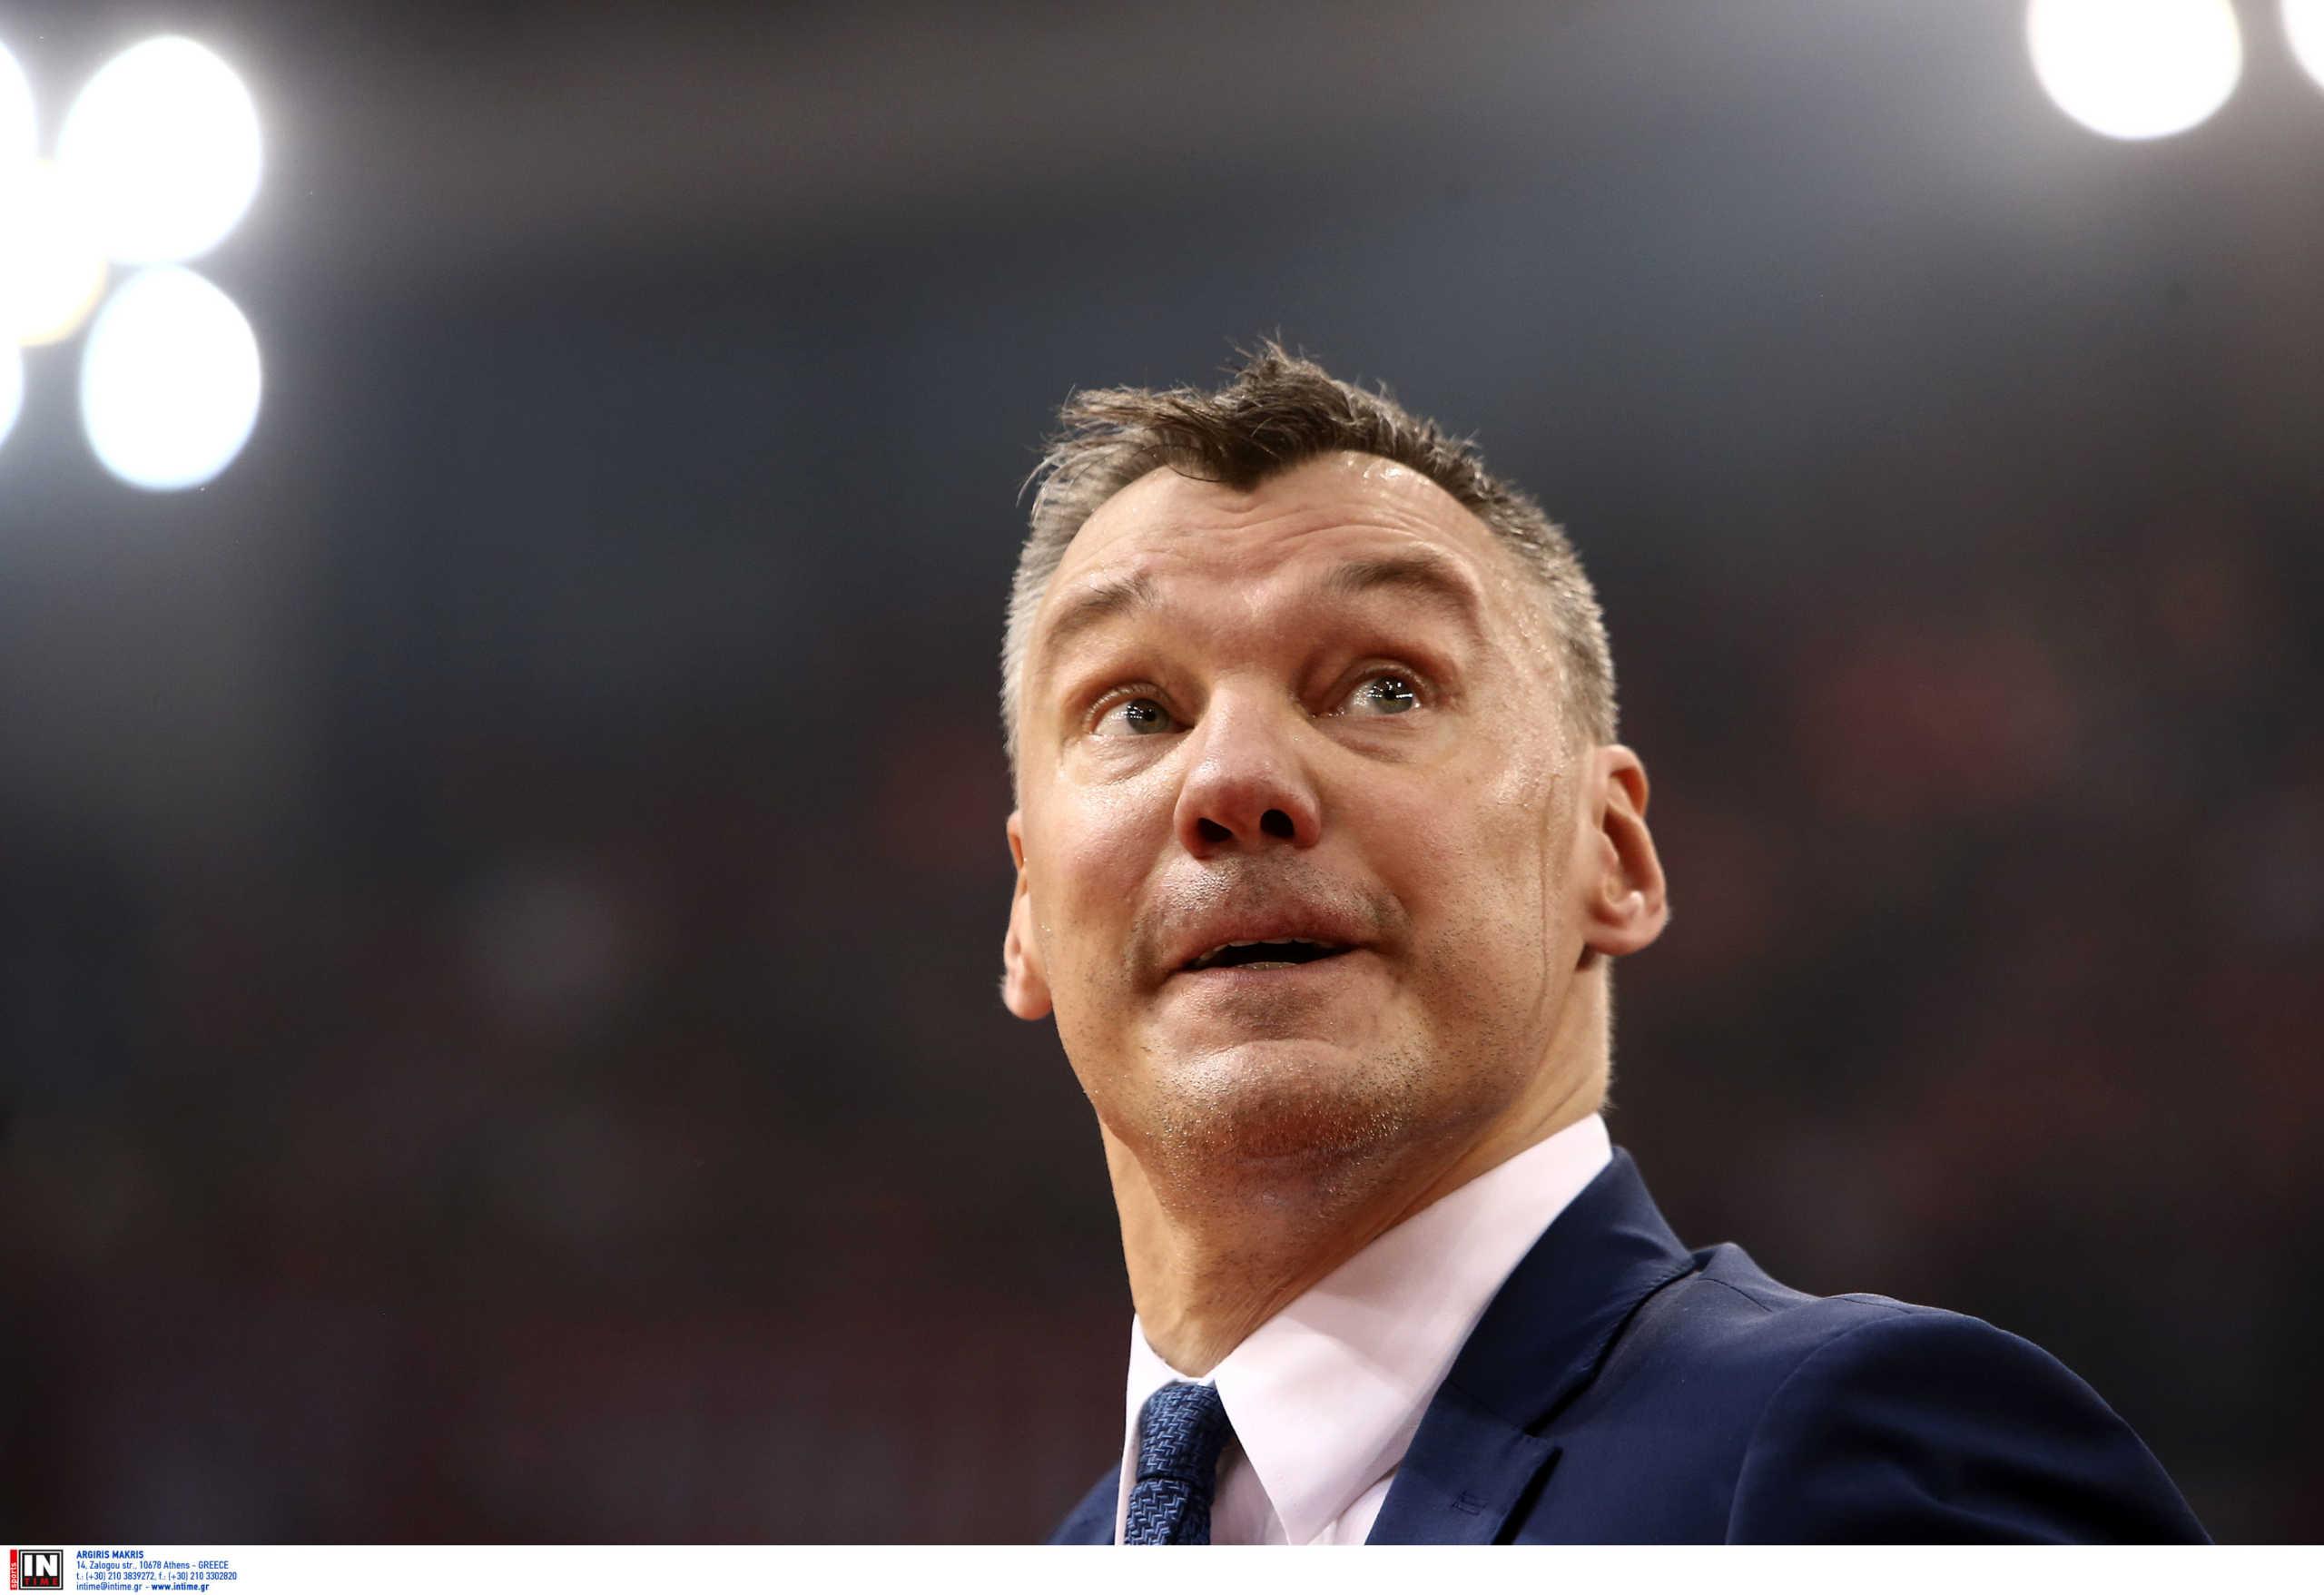 """Euroleague: Απίστευτο """"τρολάρισμα"""" του Γιασικεβίτσιους στον Μεσίνα για τον… κορονοϊό! (video)"""